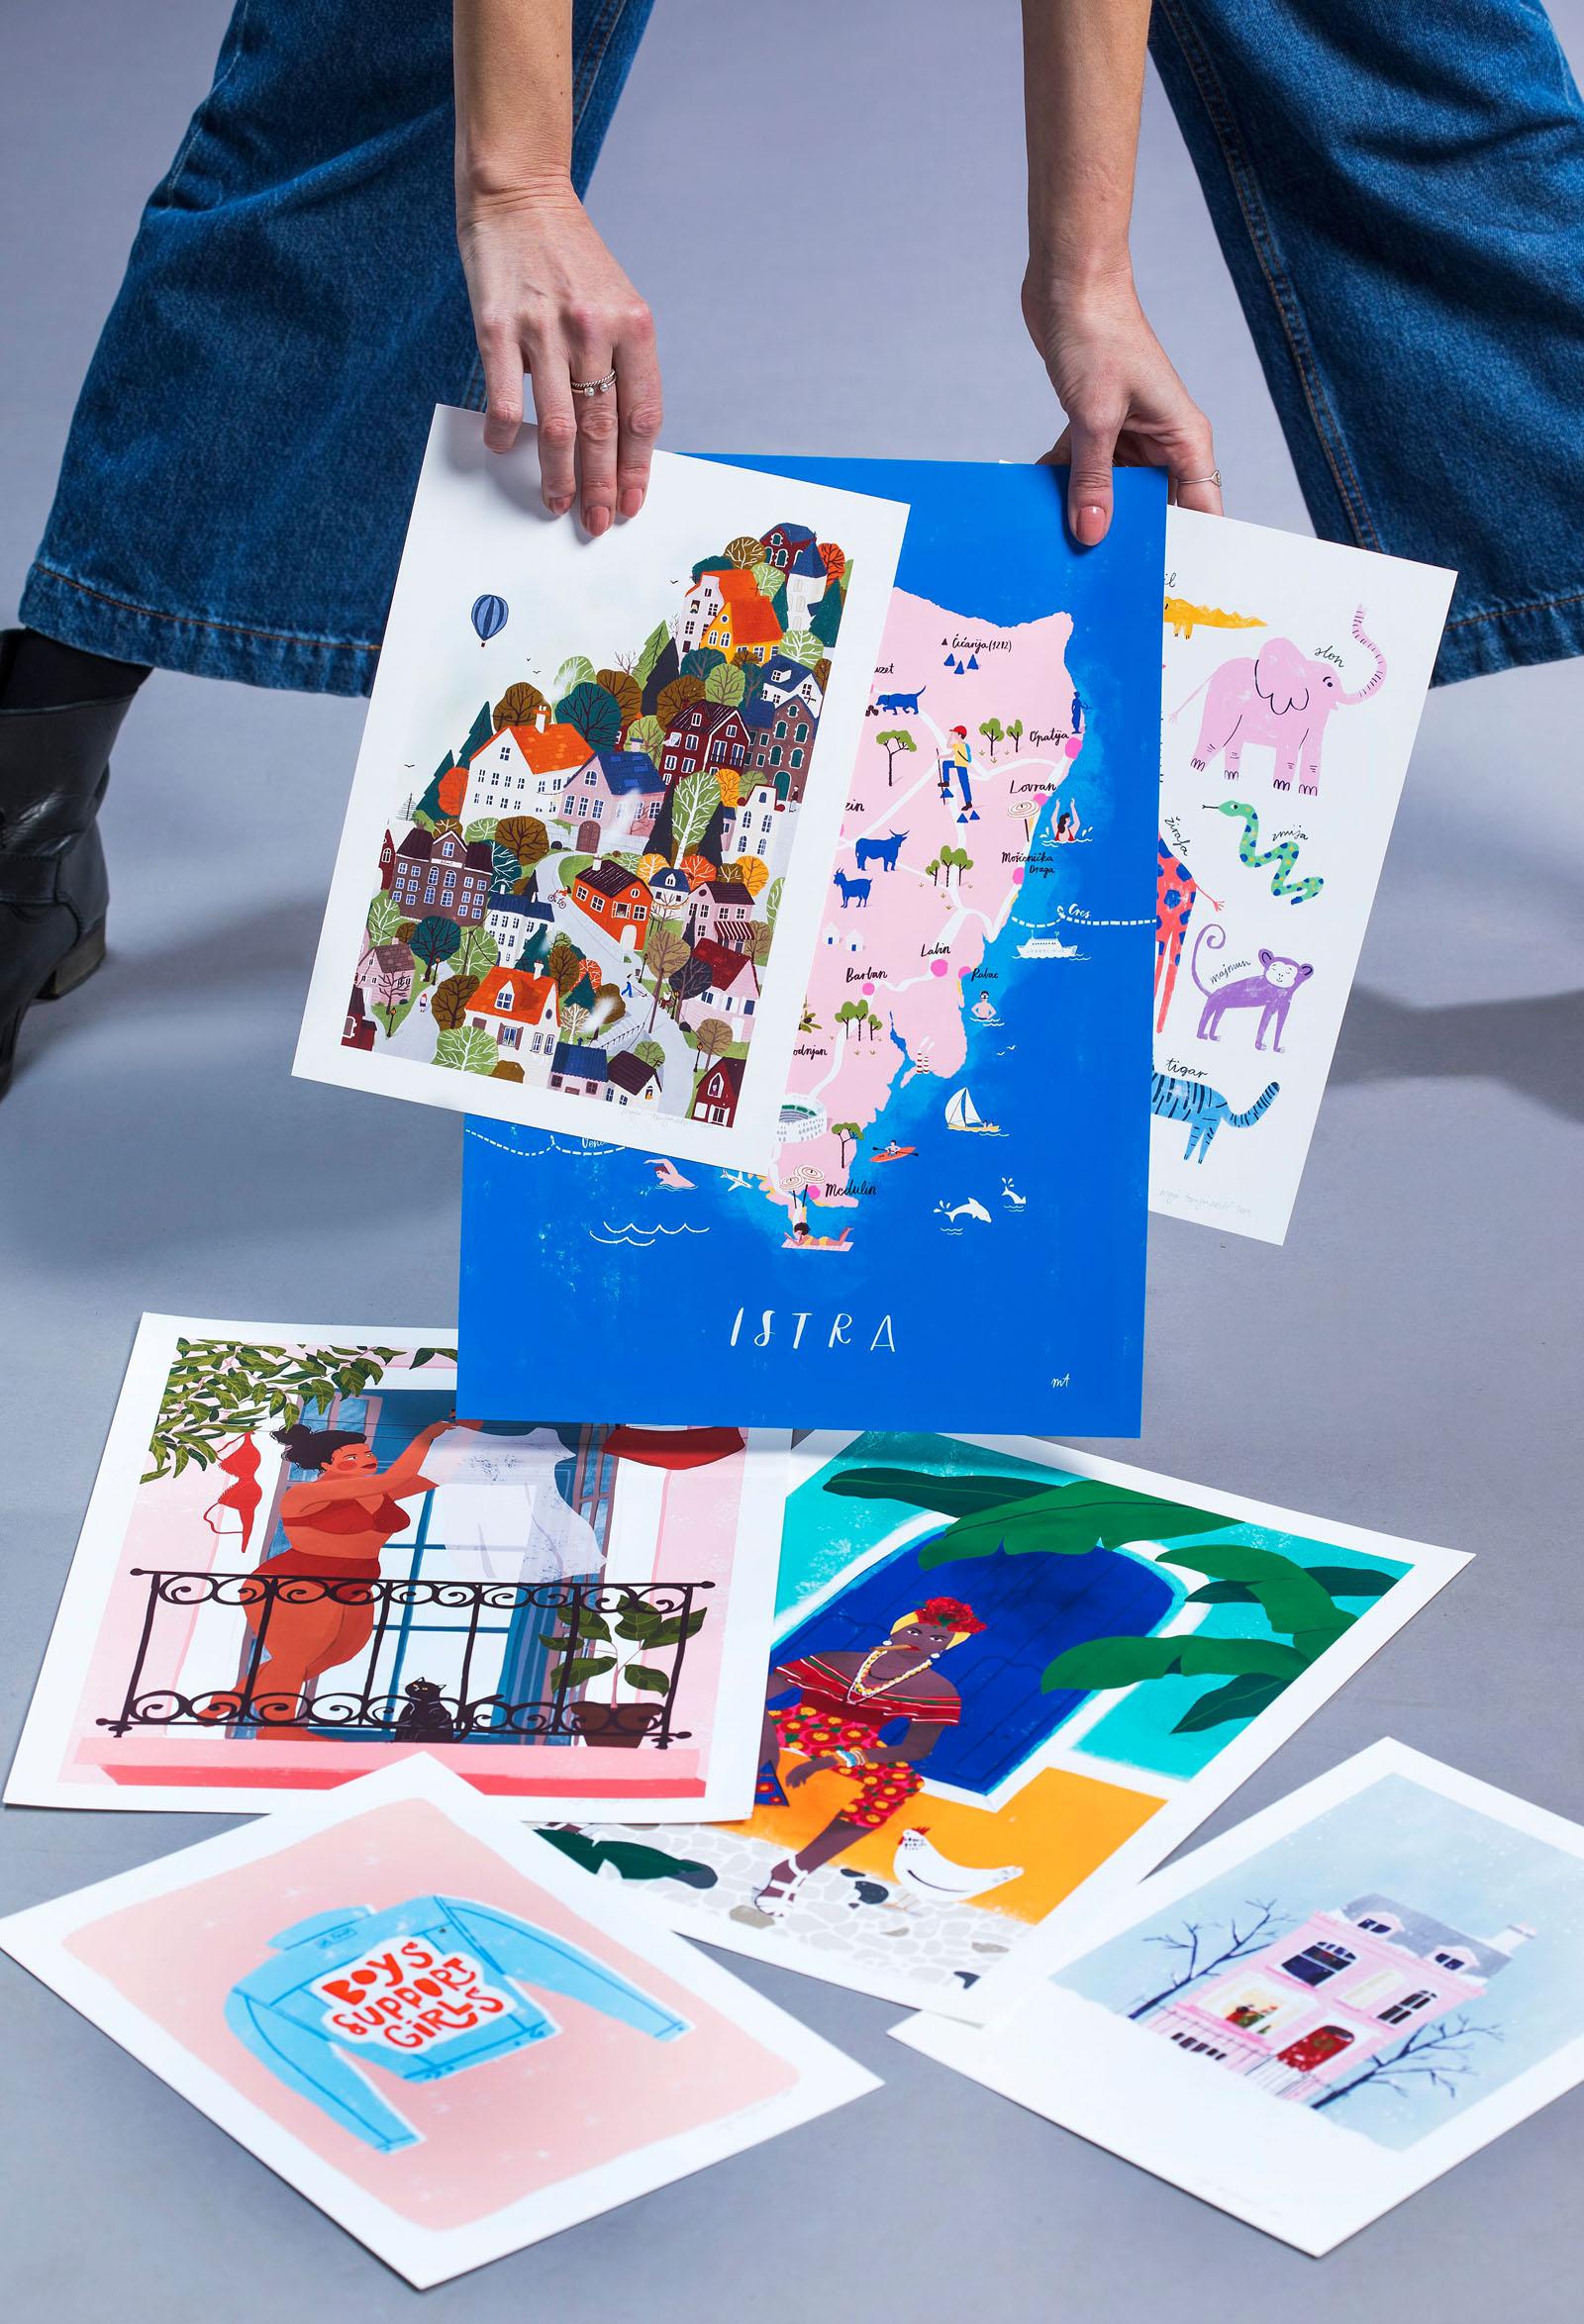 Zagreb, 041119. Studio Hanza media. Made in Croatia. Maja Tomljanovic, mlada slikarica. Foto: Biljana Blivajs / CROPIX